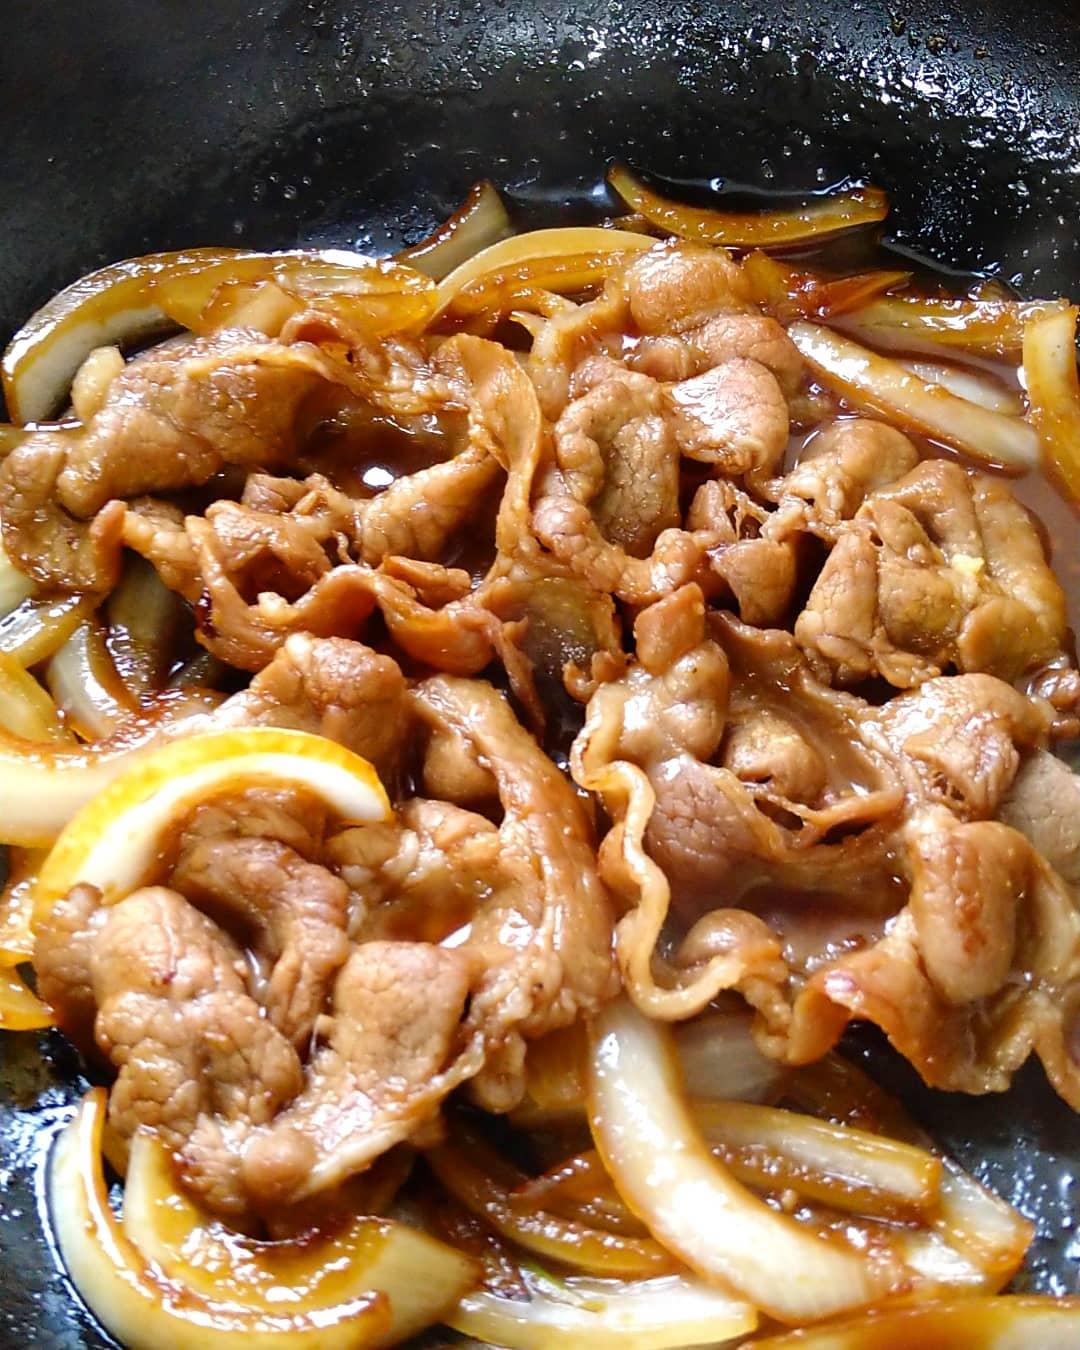 明日の日替わりランチは豚肩ロースの生姜焼き定食です。 大きな豚肩ロース4枚と玉葱で豪快に炒めます。  生姜焼きに相性抜群の千切りキャベツとポテトサラダが付きます。 変わらずご飯はお替り無料です。  週始めのランチ、スタミナ満点の日替わりランチでございます! 明日もご来店を心よりお待ちしております。